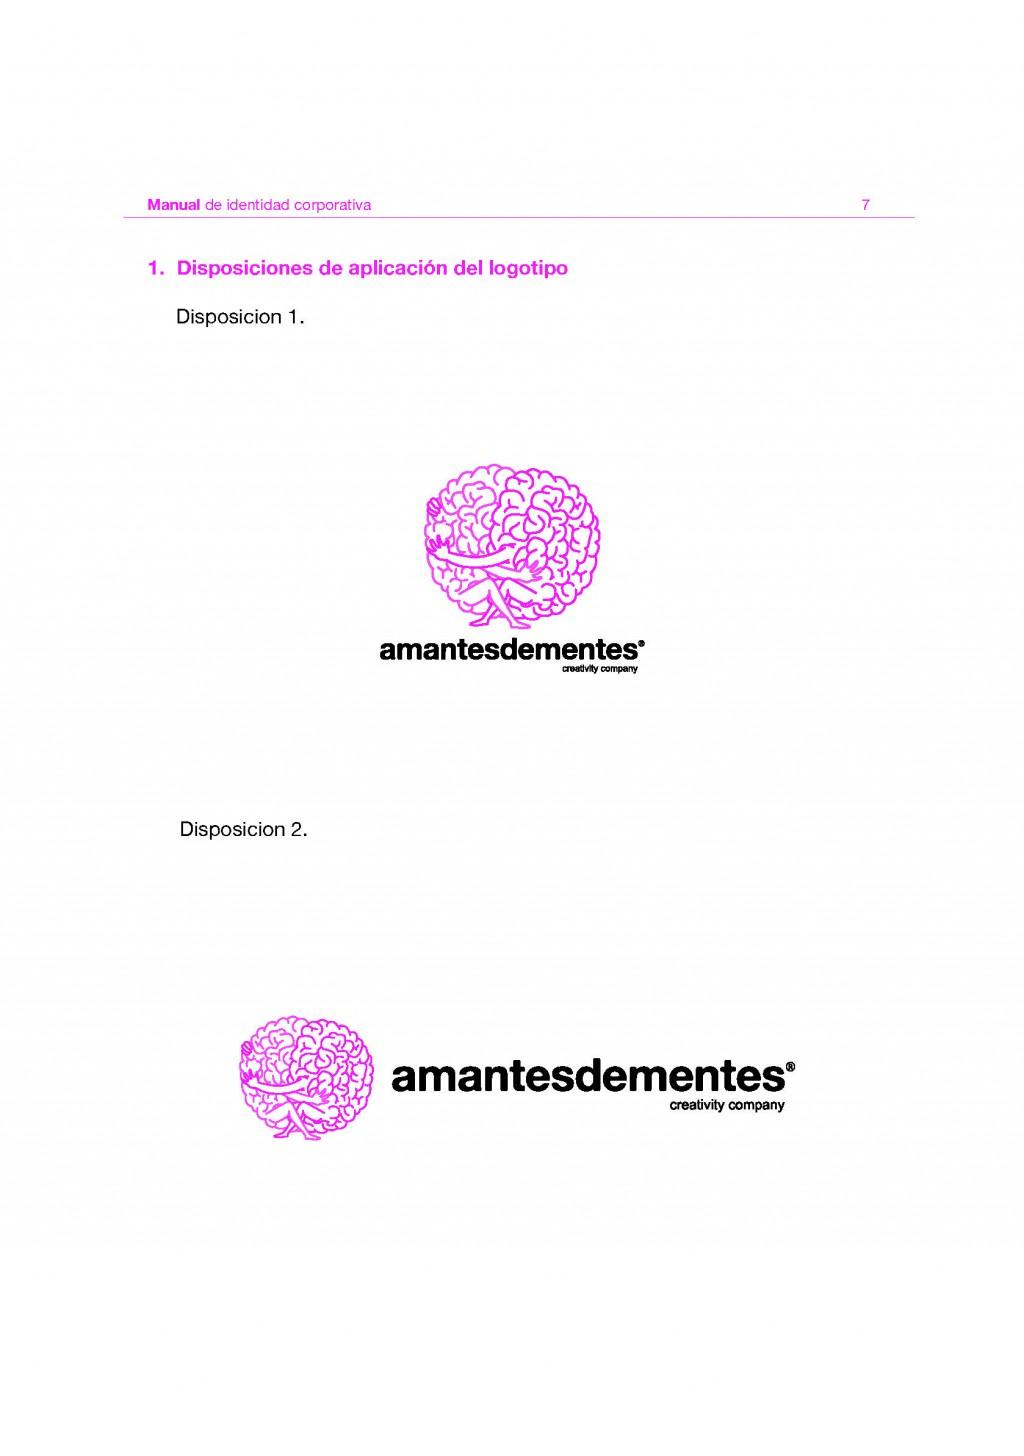 Manual de identidad corporativa amantesdementes_Página_07